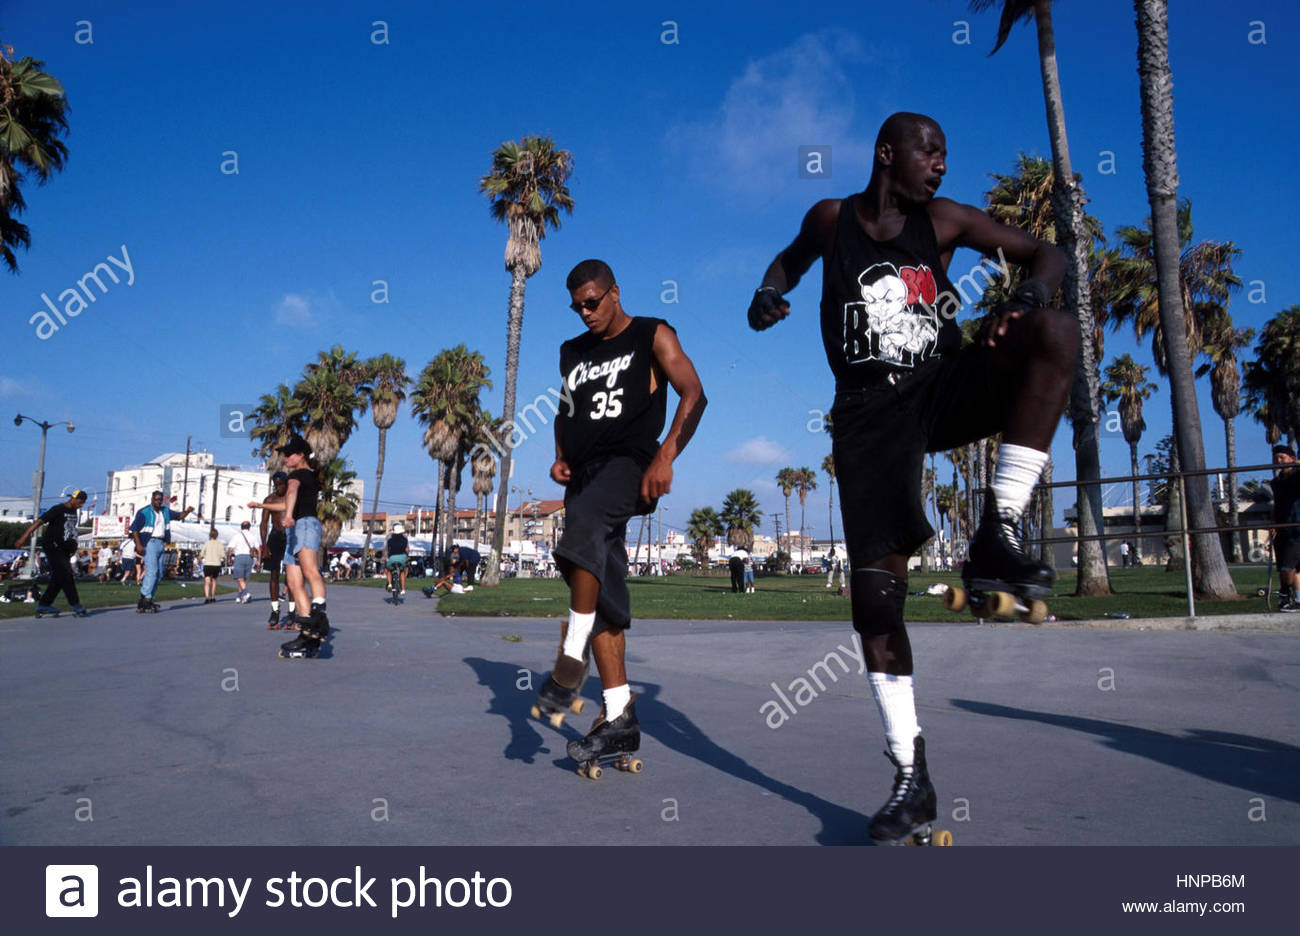 Roller skating los angeles - California Los Angeles Venice Beach Men Roller Skating